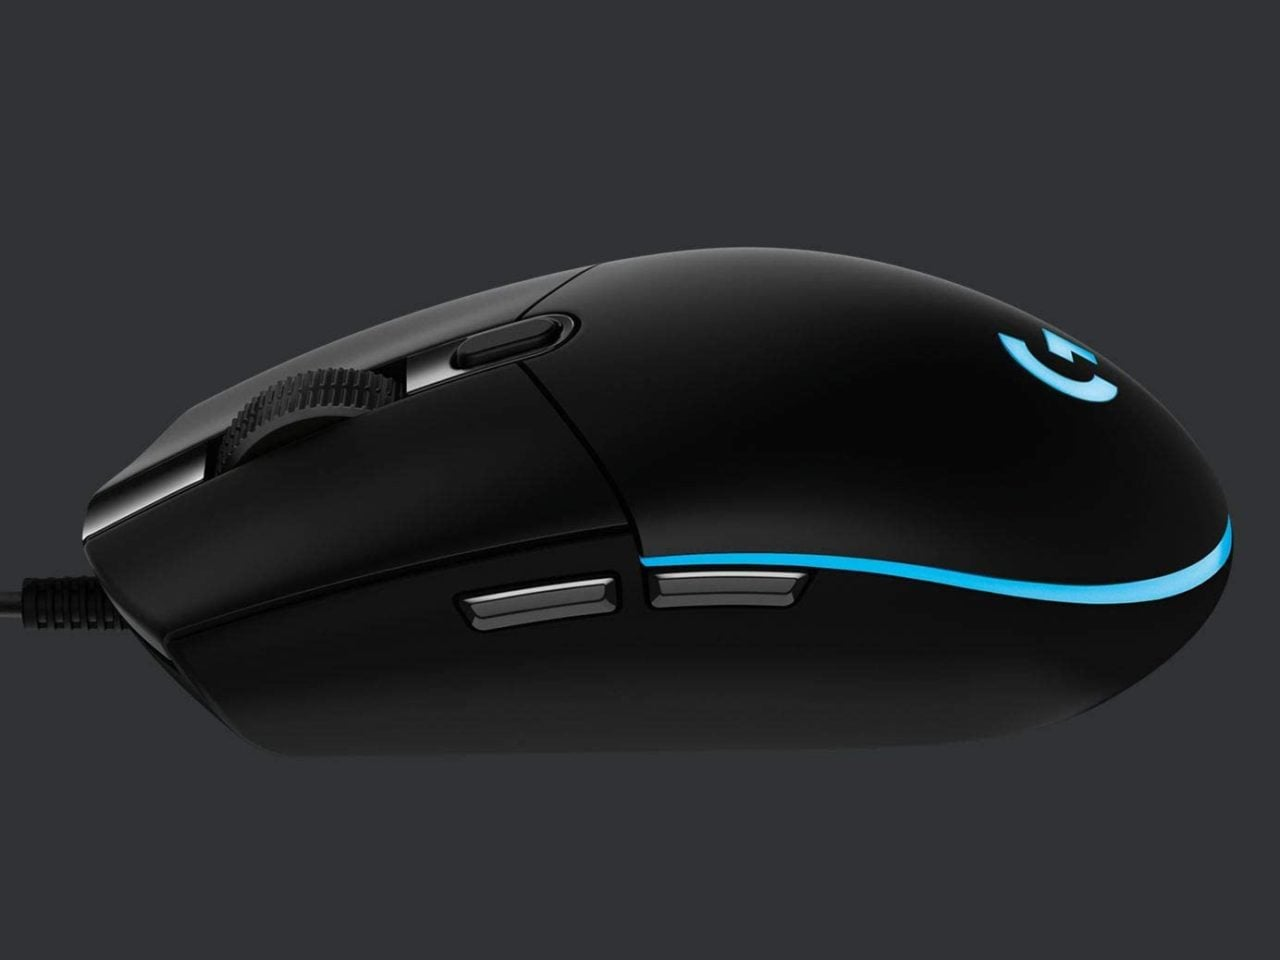 Logitech G102 Prodigy è il mouse gaming che vi fa risparmiare: in sconto a 19€